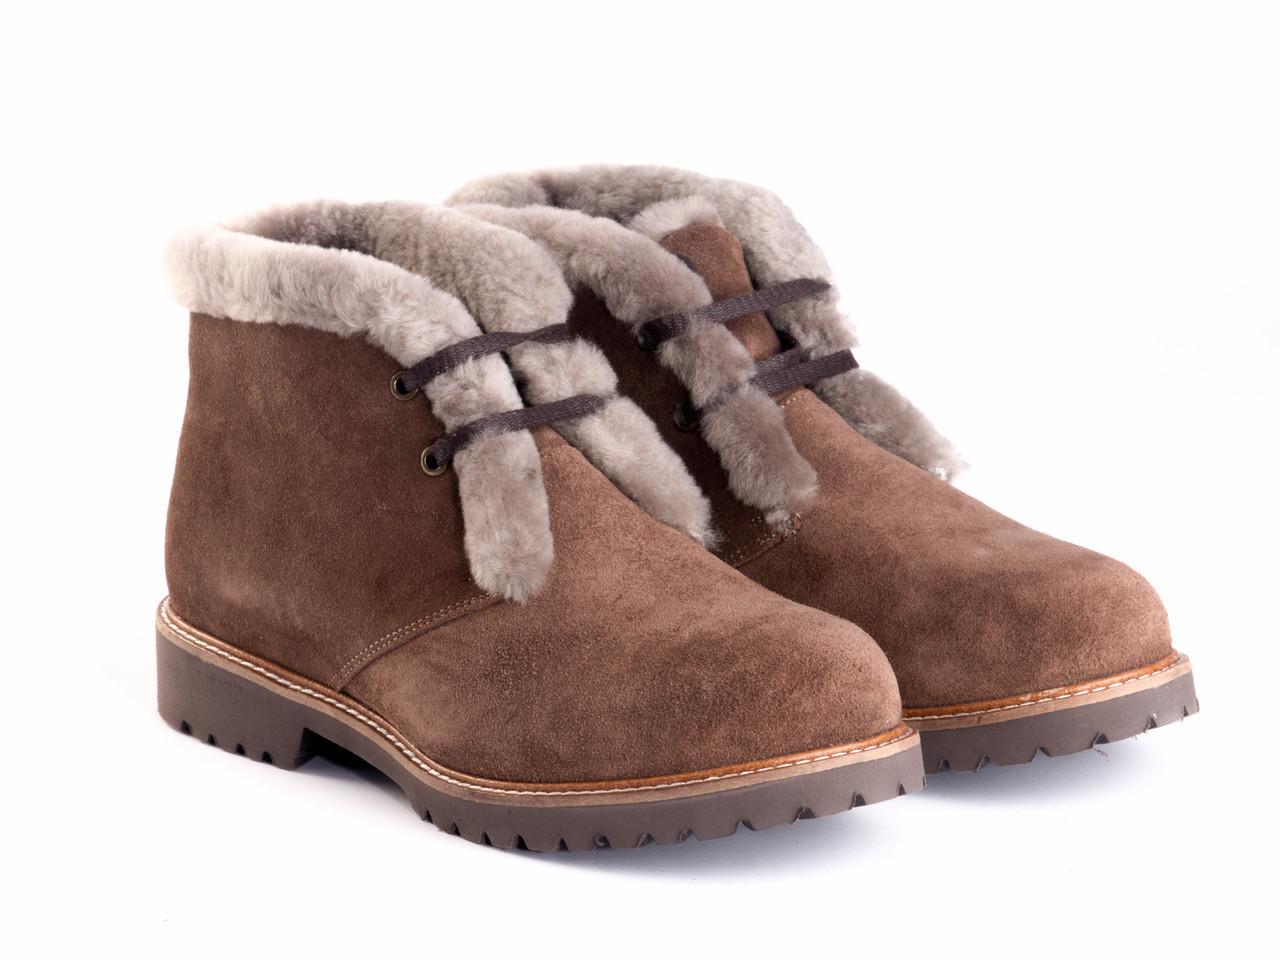 Ботинки Etor 5652-2298-0372 38 коричневые